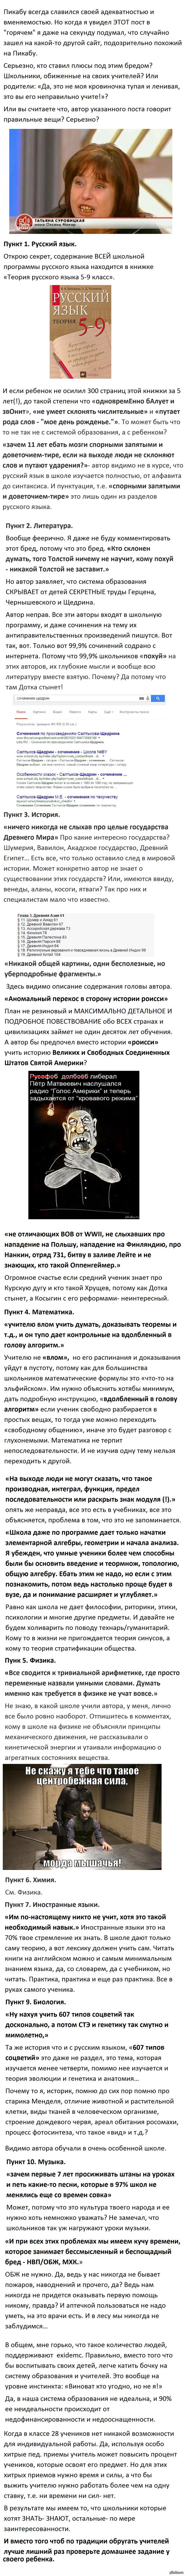 """Непонимание и шок, или не болей Пикабу! <a href=""""http://shop-archive.ru/away/pikabu.ru/story/sovremennoe_shkolnoe_obrazovanie_2748277"""">http://shop-archive.ru/away/pikabu.ru/story/_2748277</a> ЭТО в """"Горячем""""."""